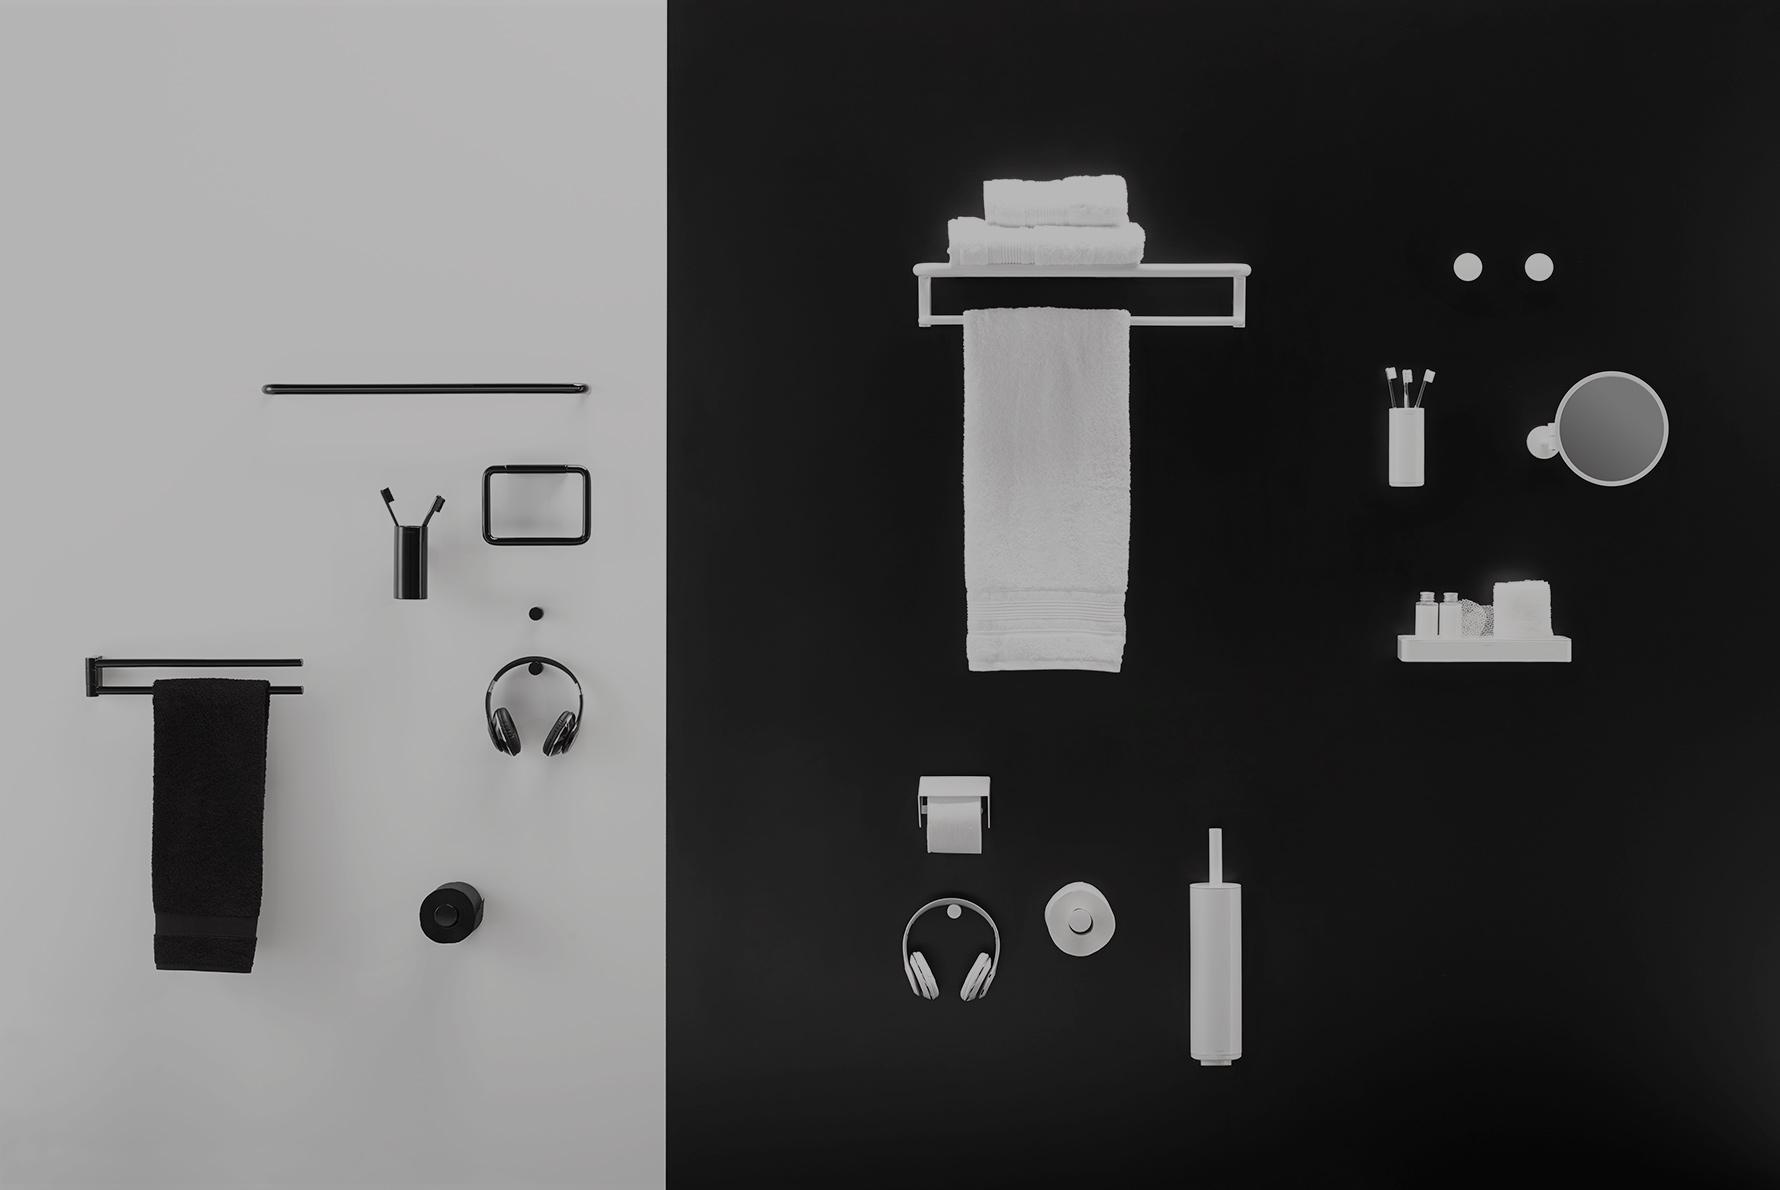 cosmic-black-white-cosmic-studio